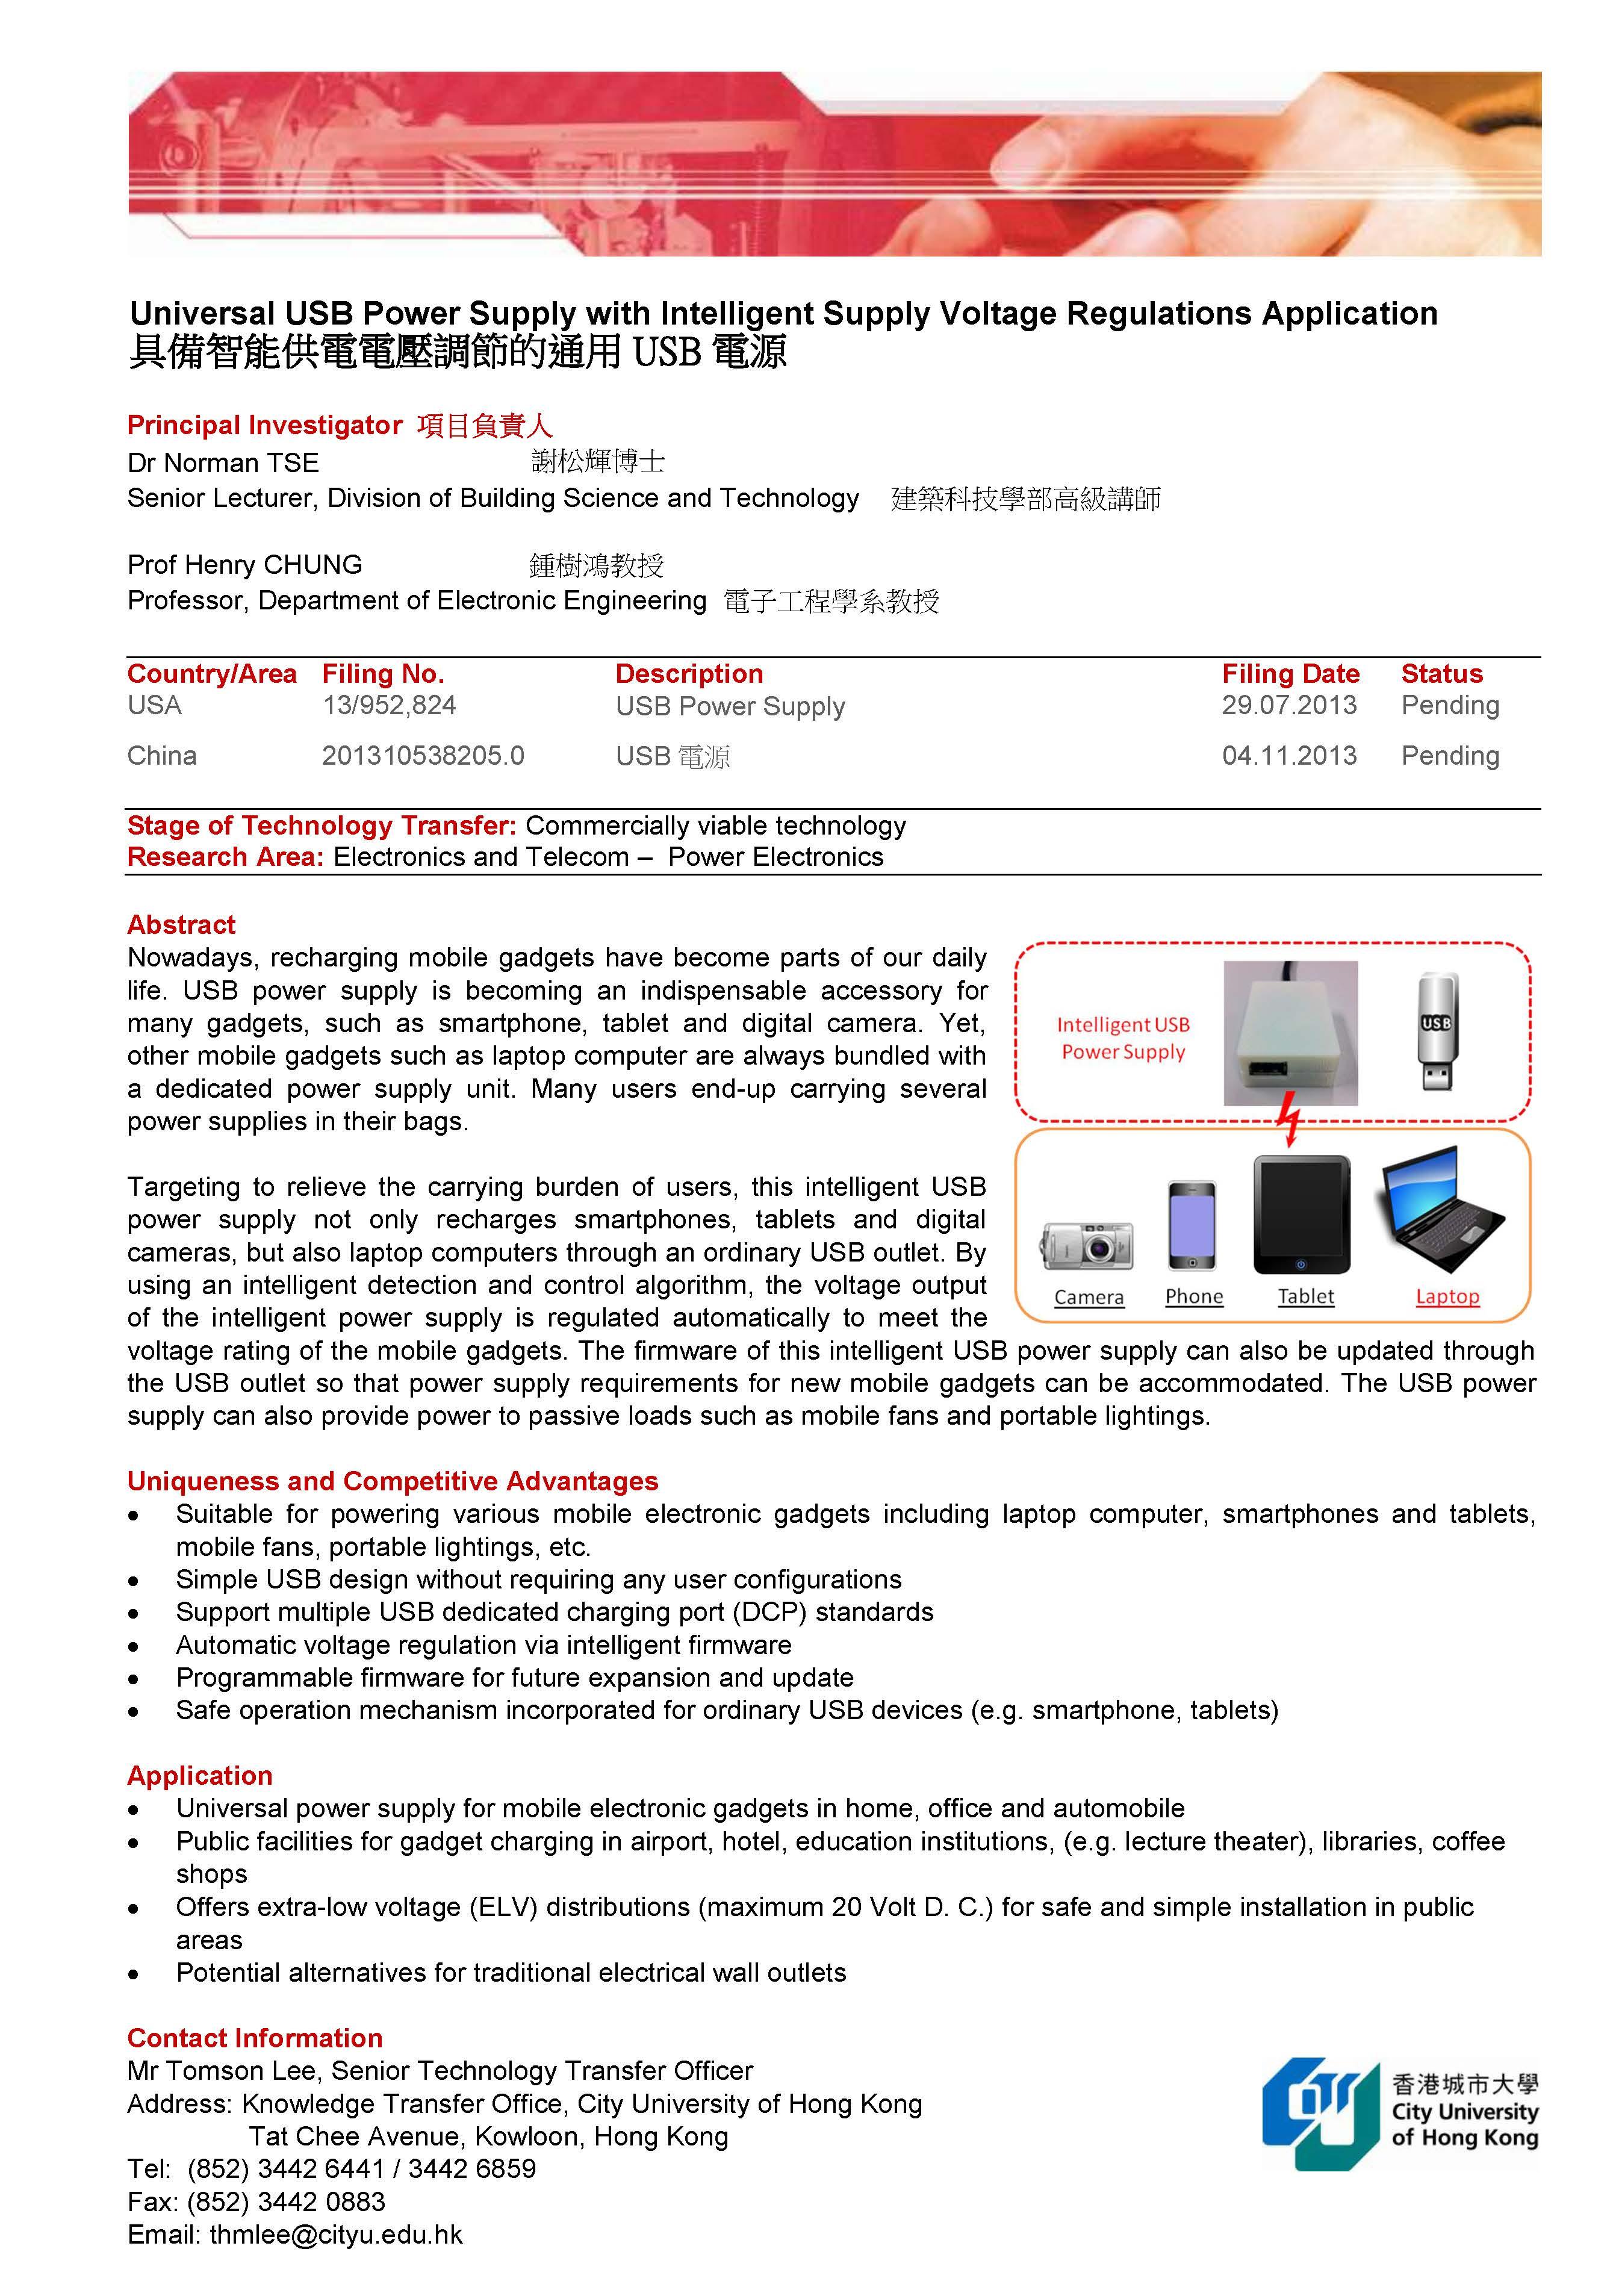 具备智能供电电压调节的通用USB电源_页面_1.jpg